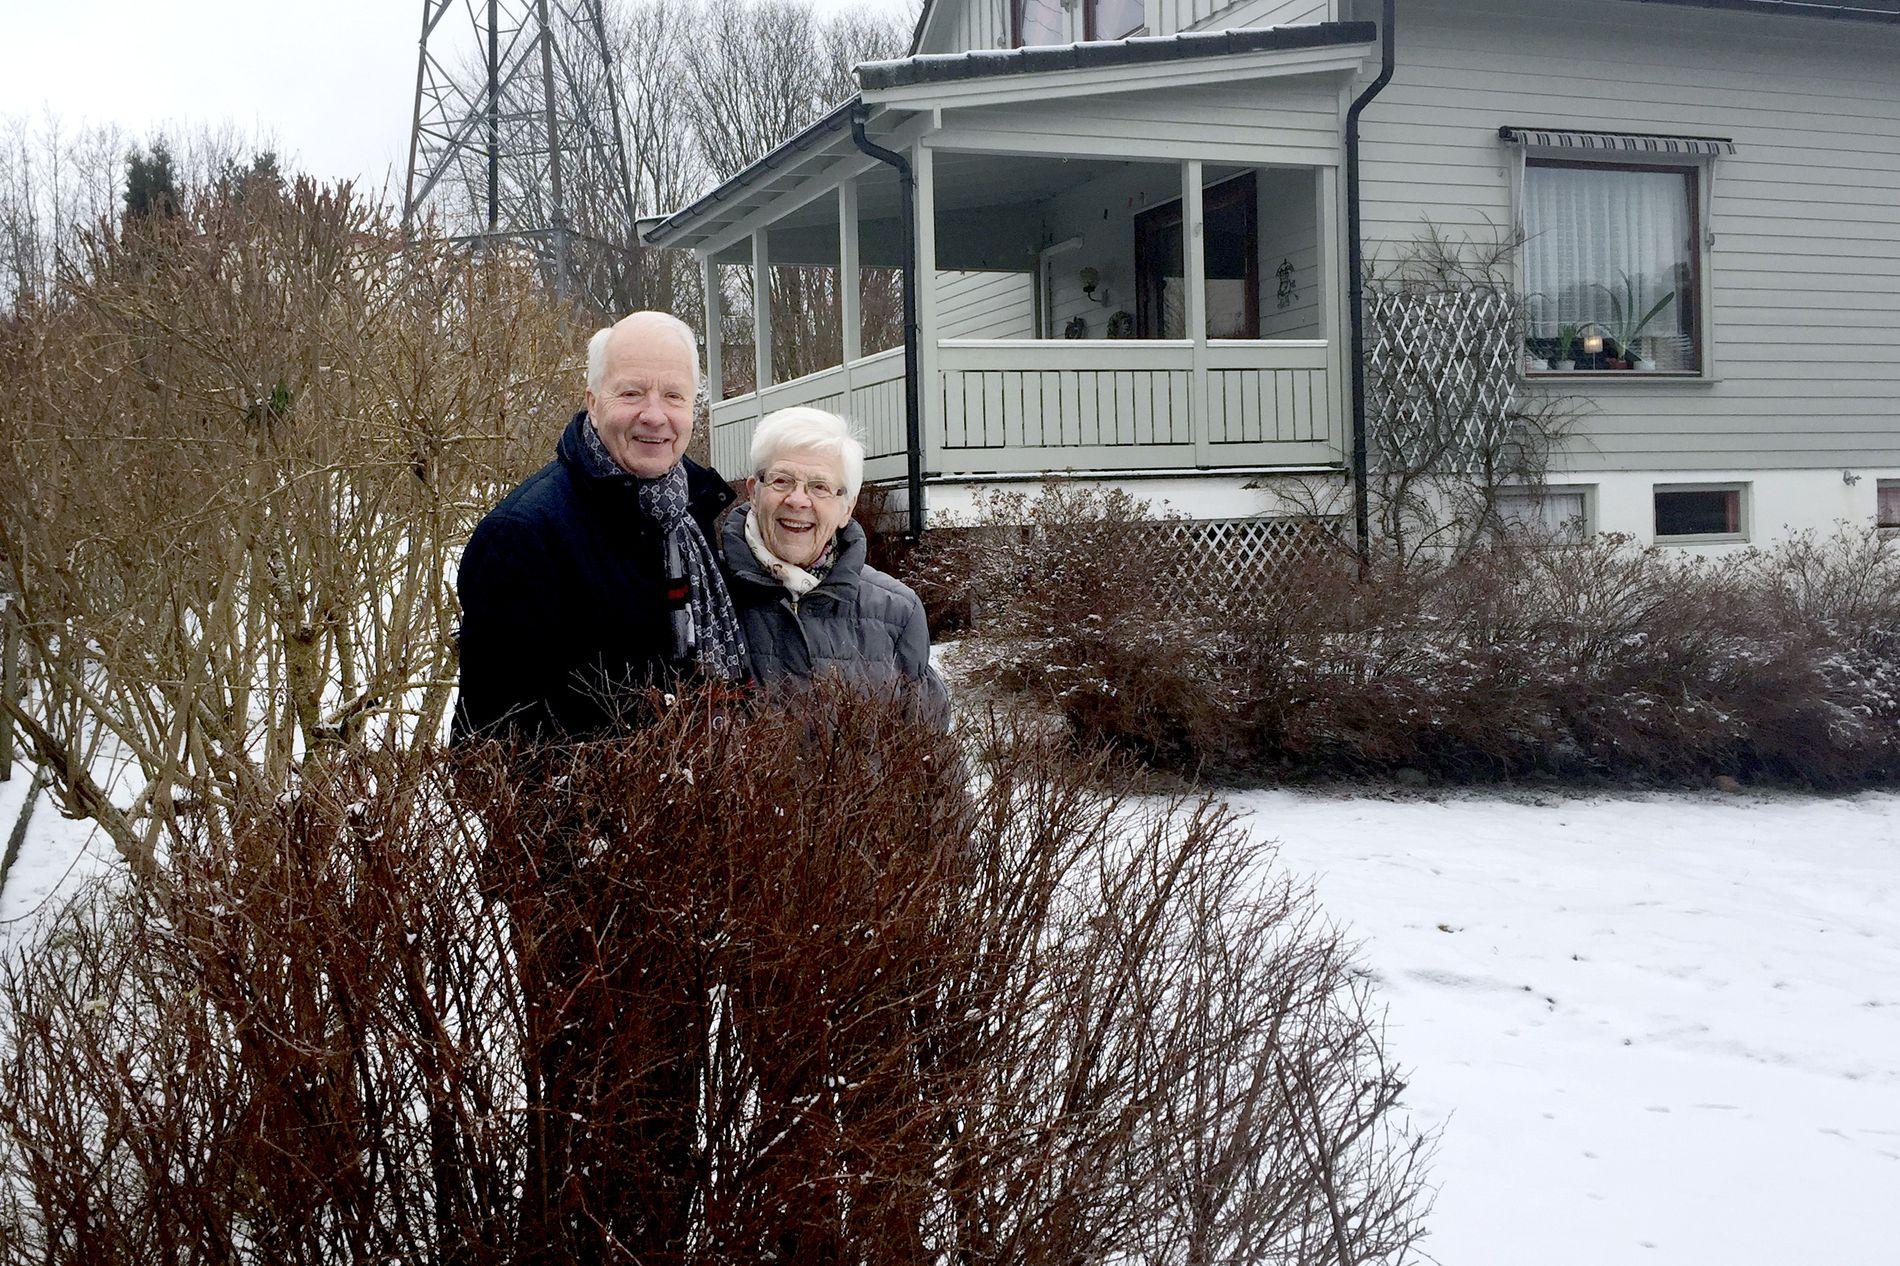 HELDIG: Elly Sjuls (89) sier hun er heldig som får hjelp av Tore Gran (72) til å klippe plenen, hekker og trær om sommeren. Da stiller han opp hver 14. dag. Snømåking har det av naturlige grunner ikke blitt så mye av denne vinteren.